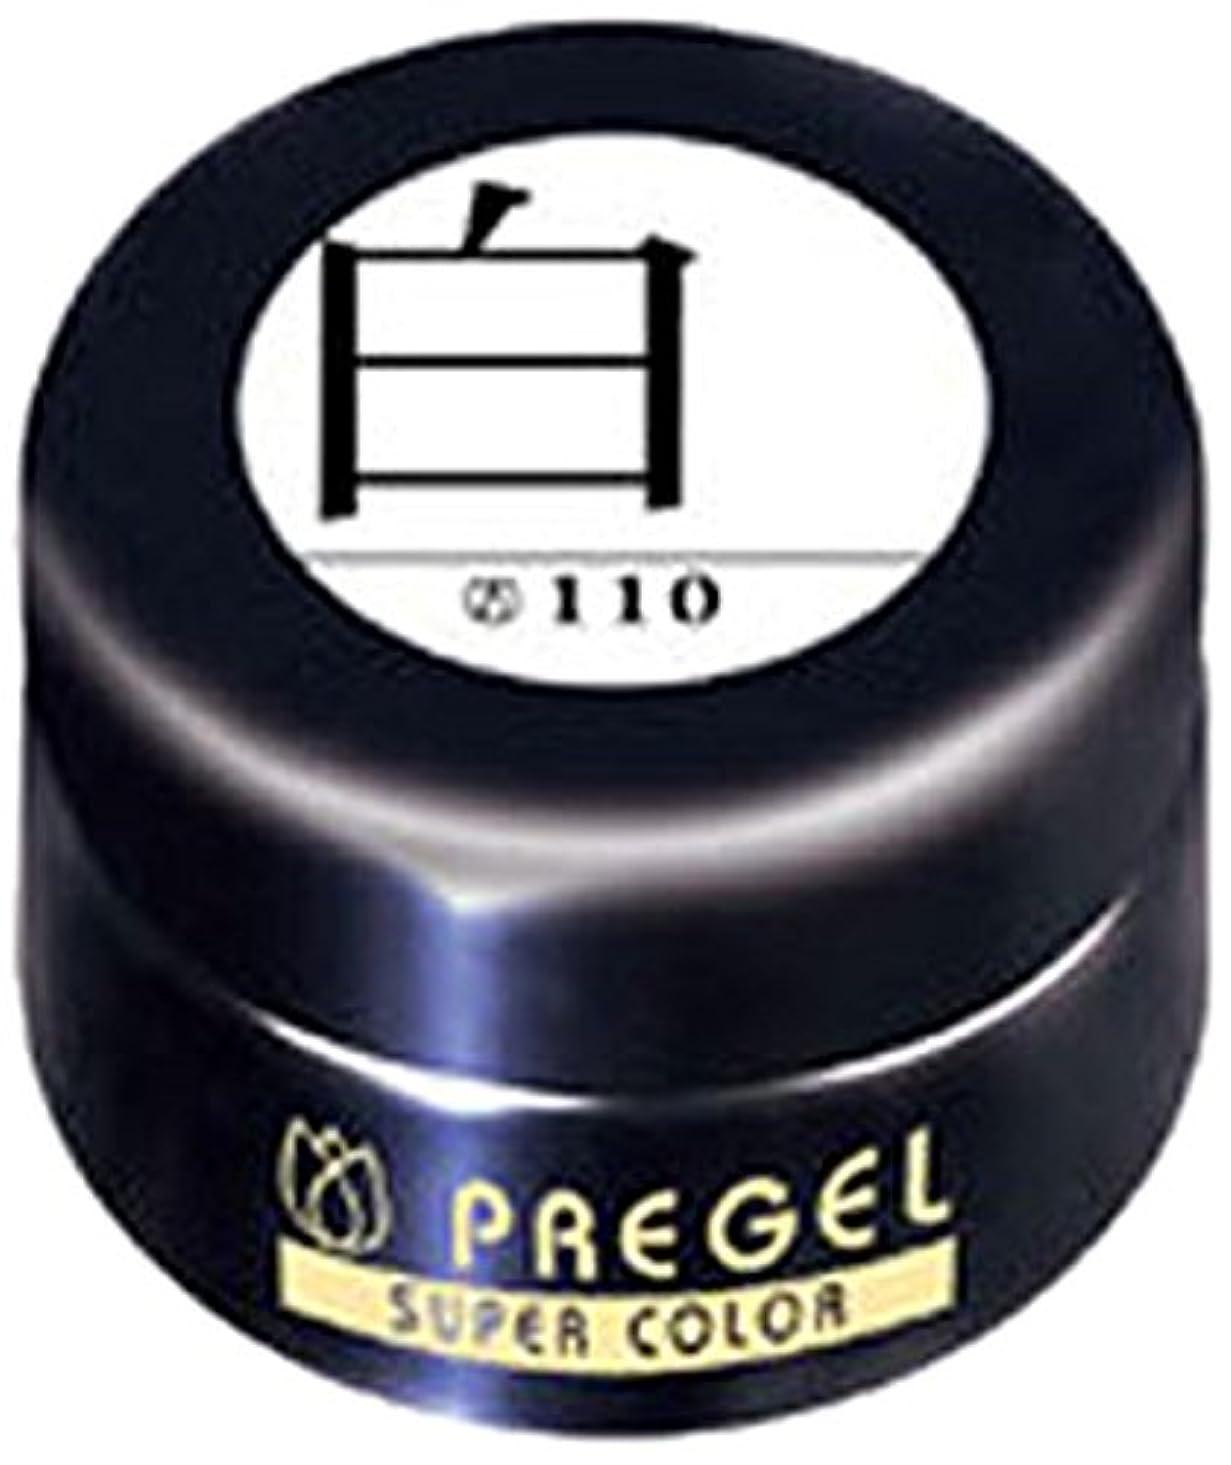 最少戻る量プリジェル スーパーカラーEX 白 4g PG-SE110 カラージェル UV/LED対応